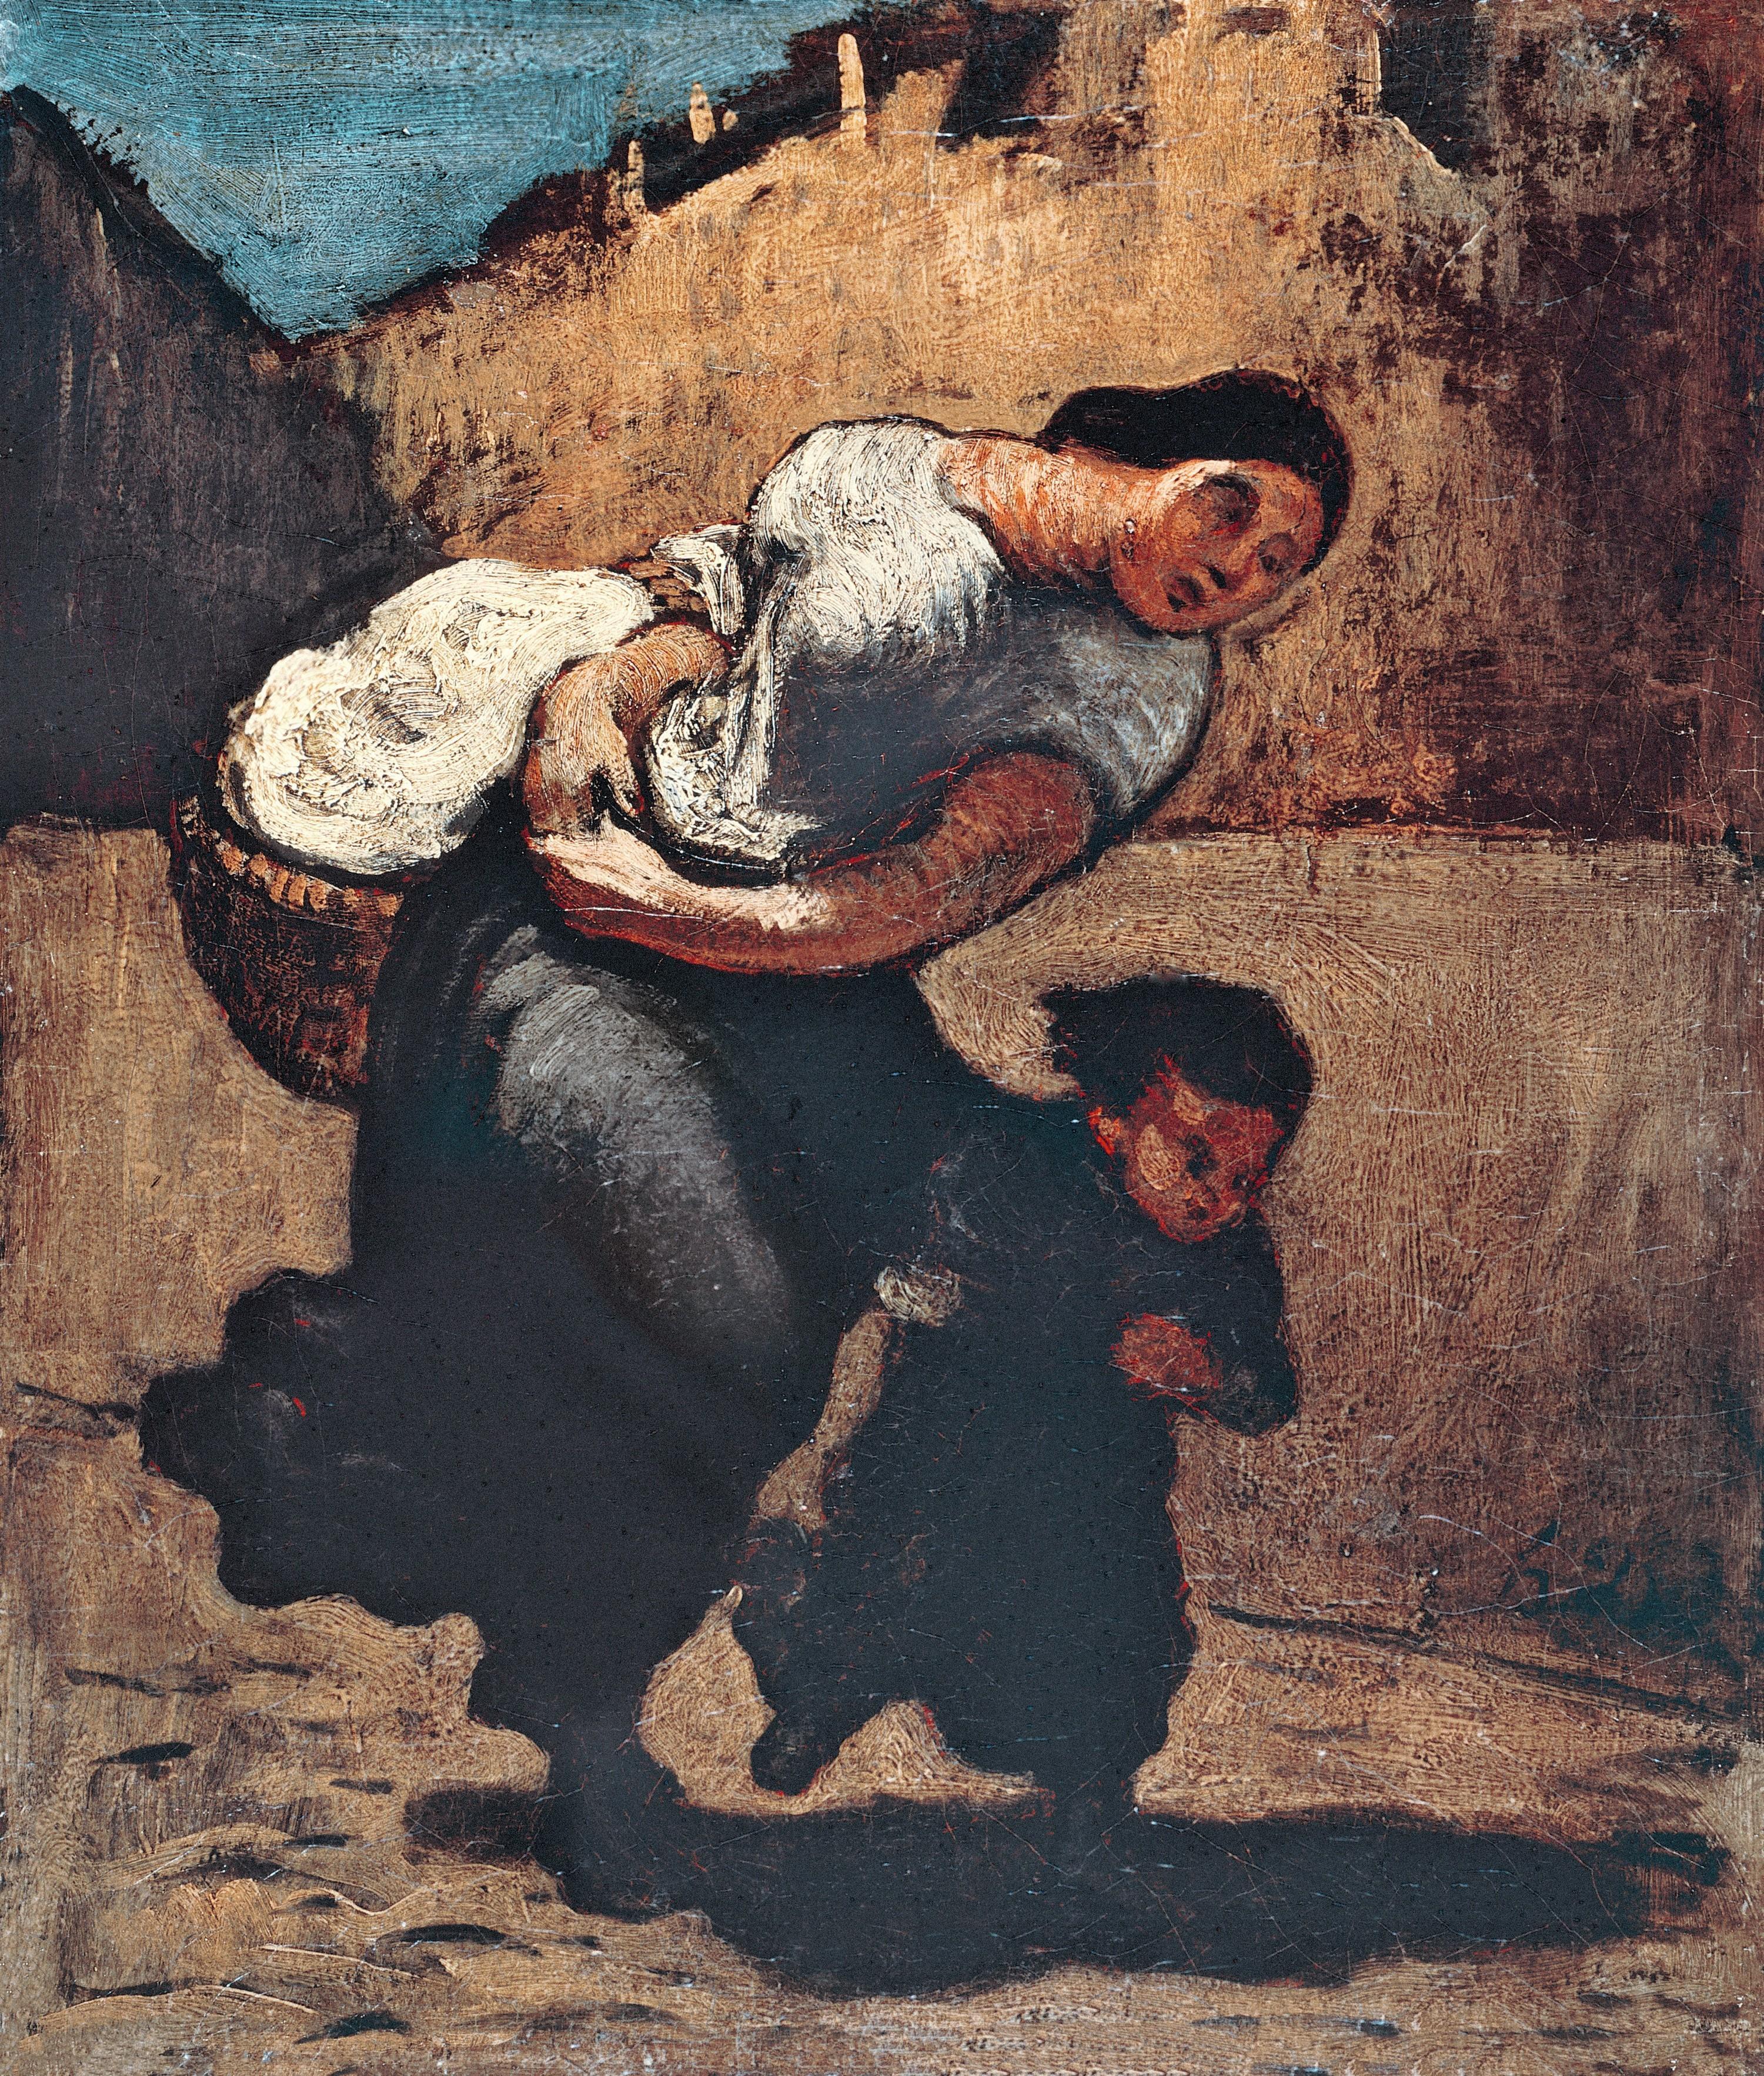 Honoré Daumier, La Blanchisseuse, 1850 - 1853, huile sur toile, 130 × 98 cm, musée de l'Ermitage, Saint-Pétersbourg.